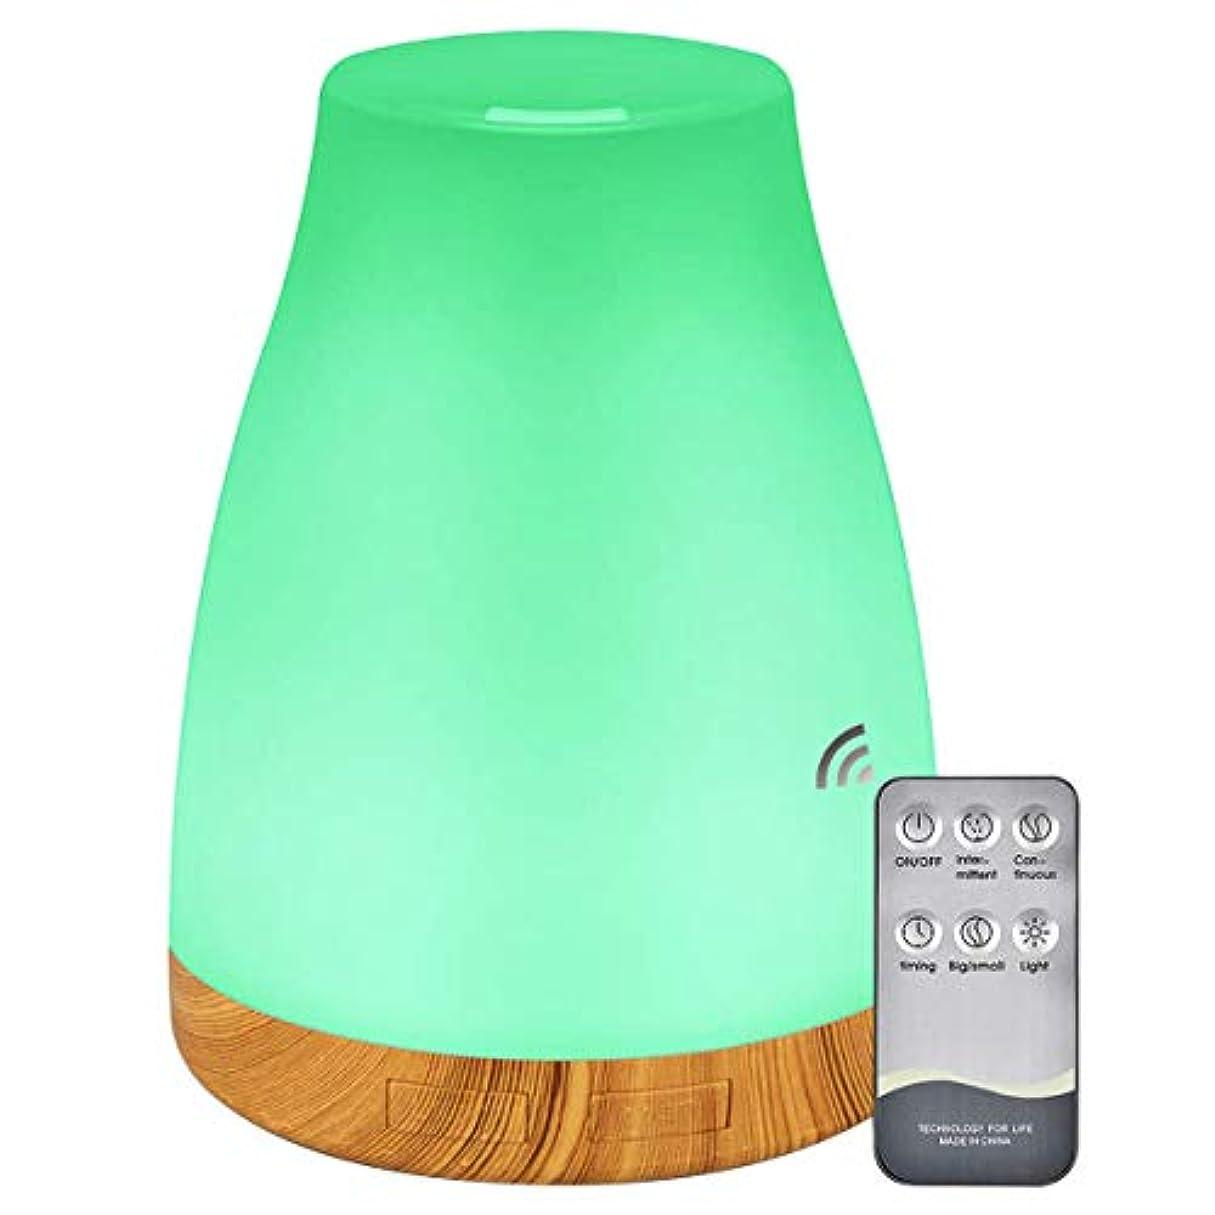 帽子想像するそんなにSUPVOX 300ml Essential Oil Diffuser Remote Control Wooden Grain Bottle Shape Aroma Diffuser Humidifier for Bedroom Yoga Room Office (JP Plug)